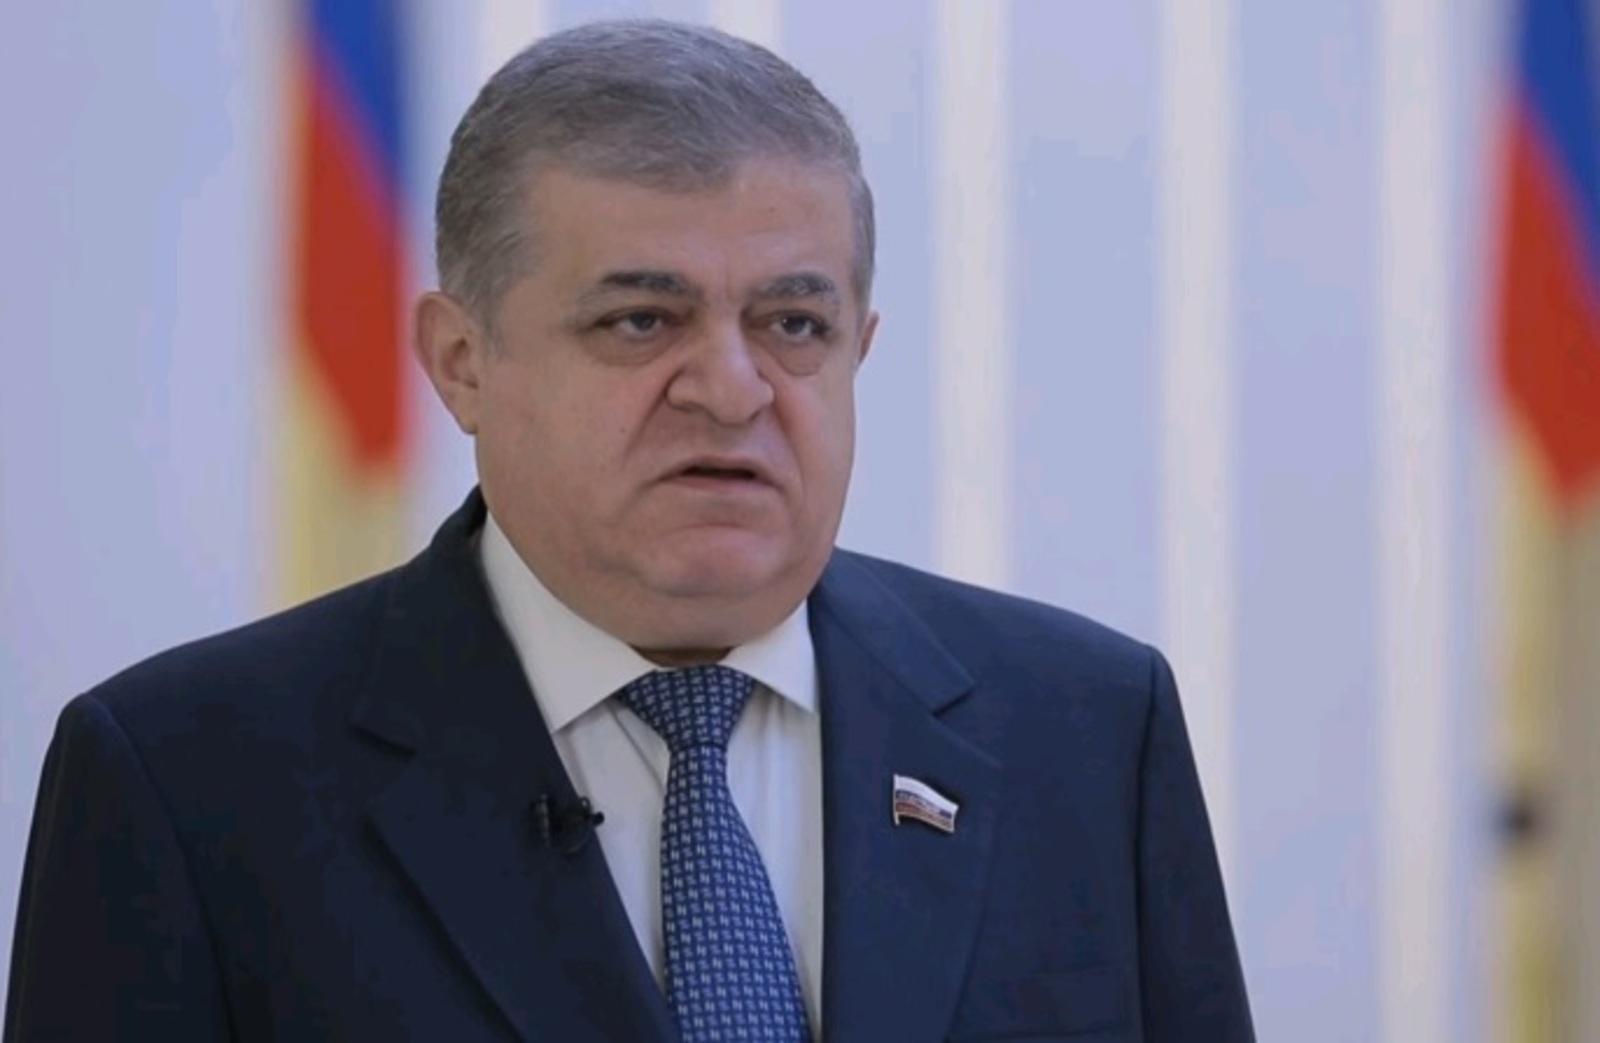 """""""Мы великая страна"""", - член Совфеда РФ Джабаров высокомерно ответил на призыв США вернуть домой украинских моряков"""